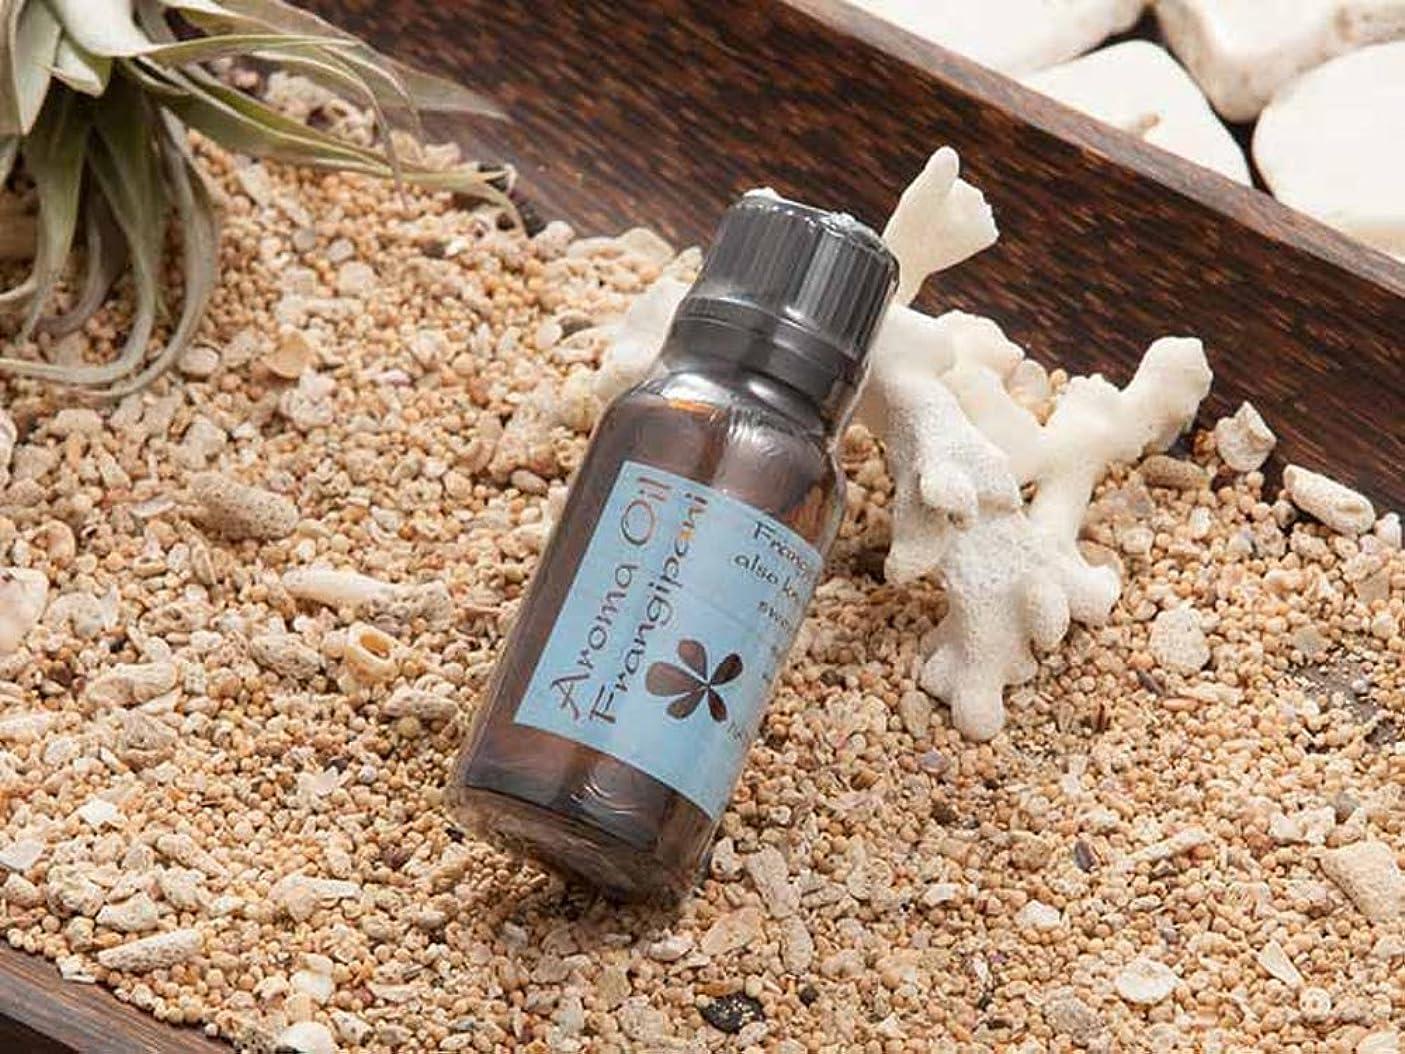 兵隊カスタムページェント寛ぎのひと時にアジアンな癒しの香りを アロマフレグランスオイル 5種の香り (アラムセンポールALAM ZEMPOL) (Frangipani フランジパニ)